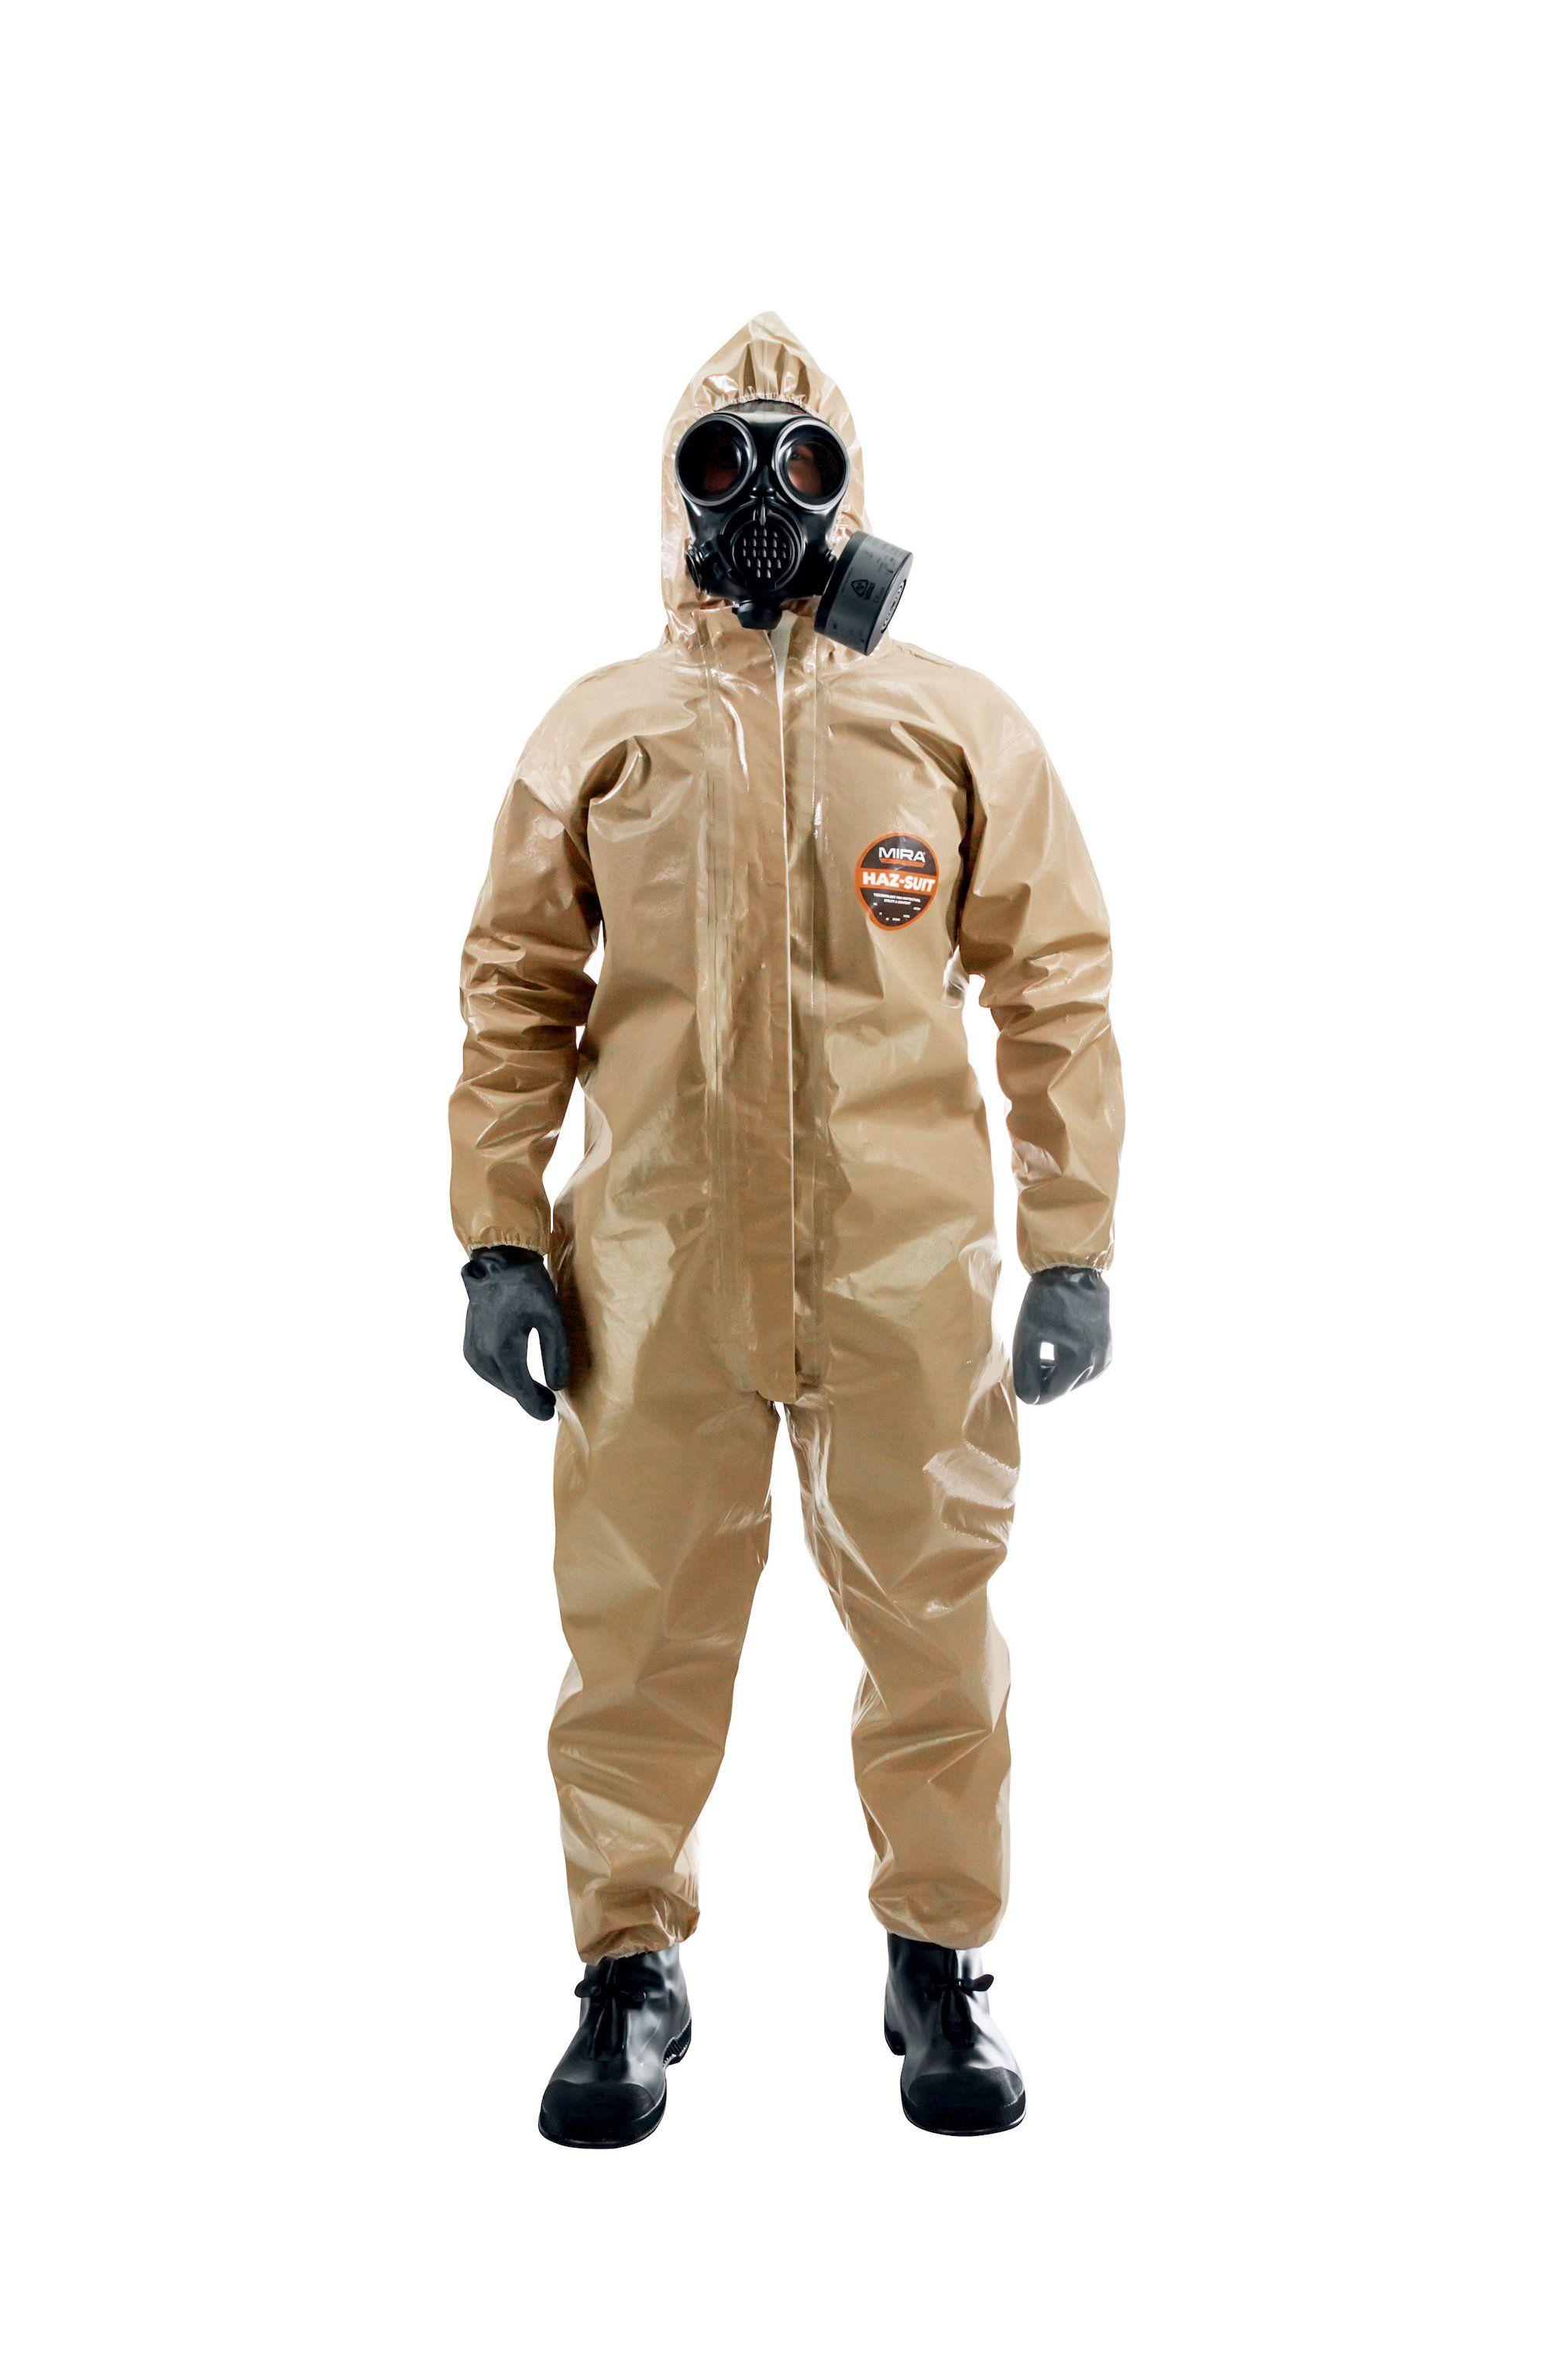 Hazsuit protective cbrn hazmat suit in 2020 hazmat suit